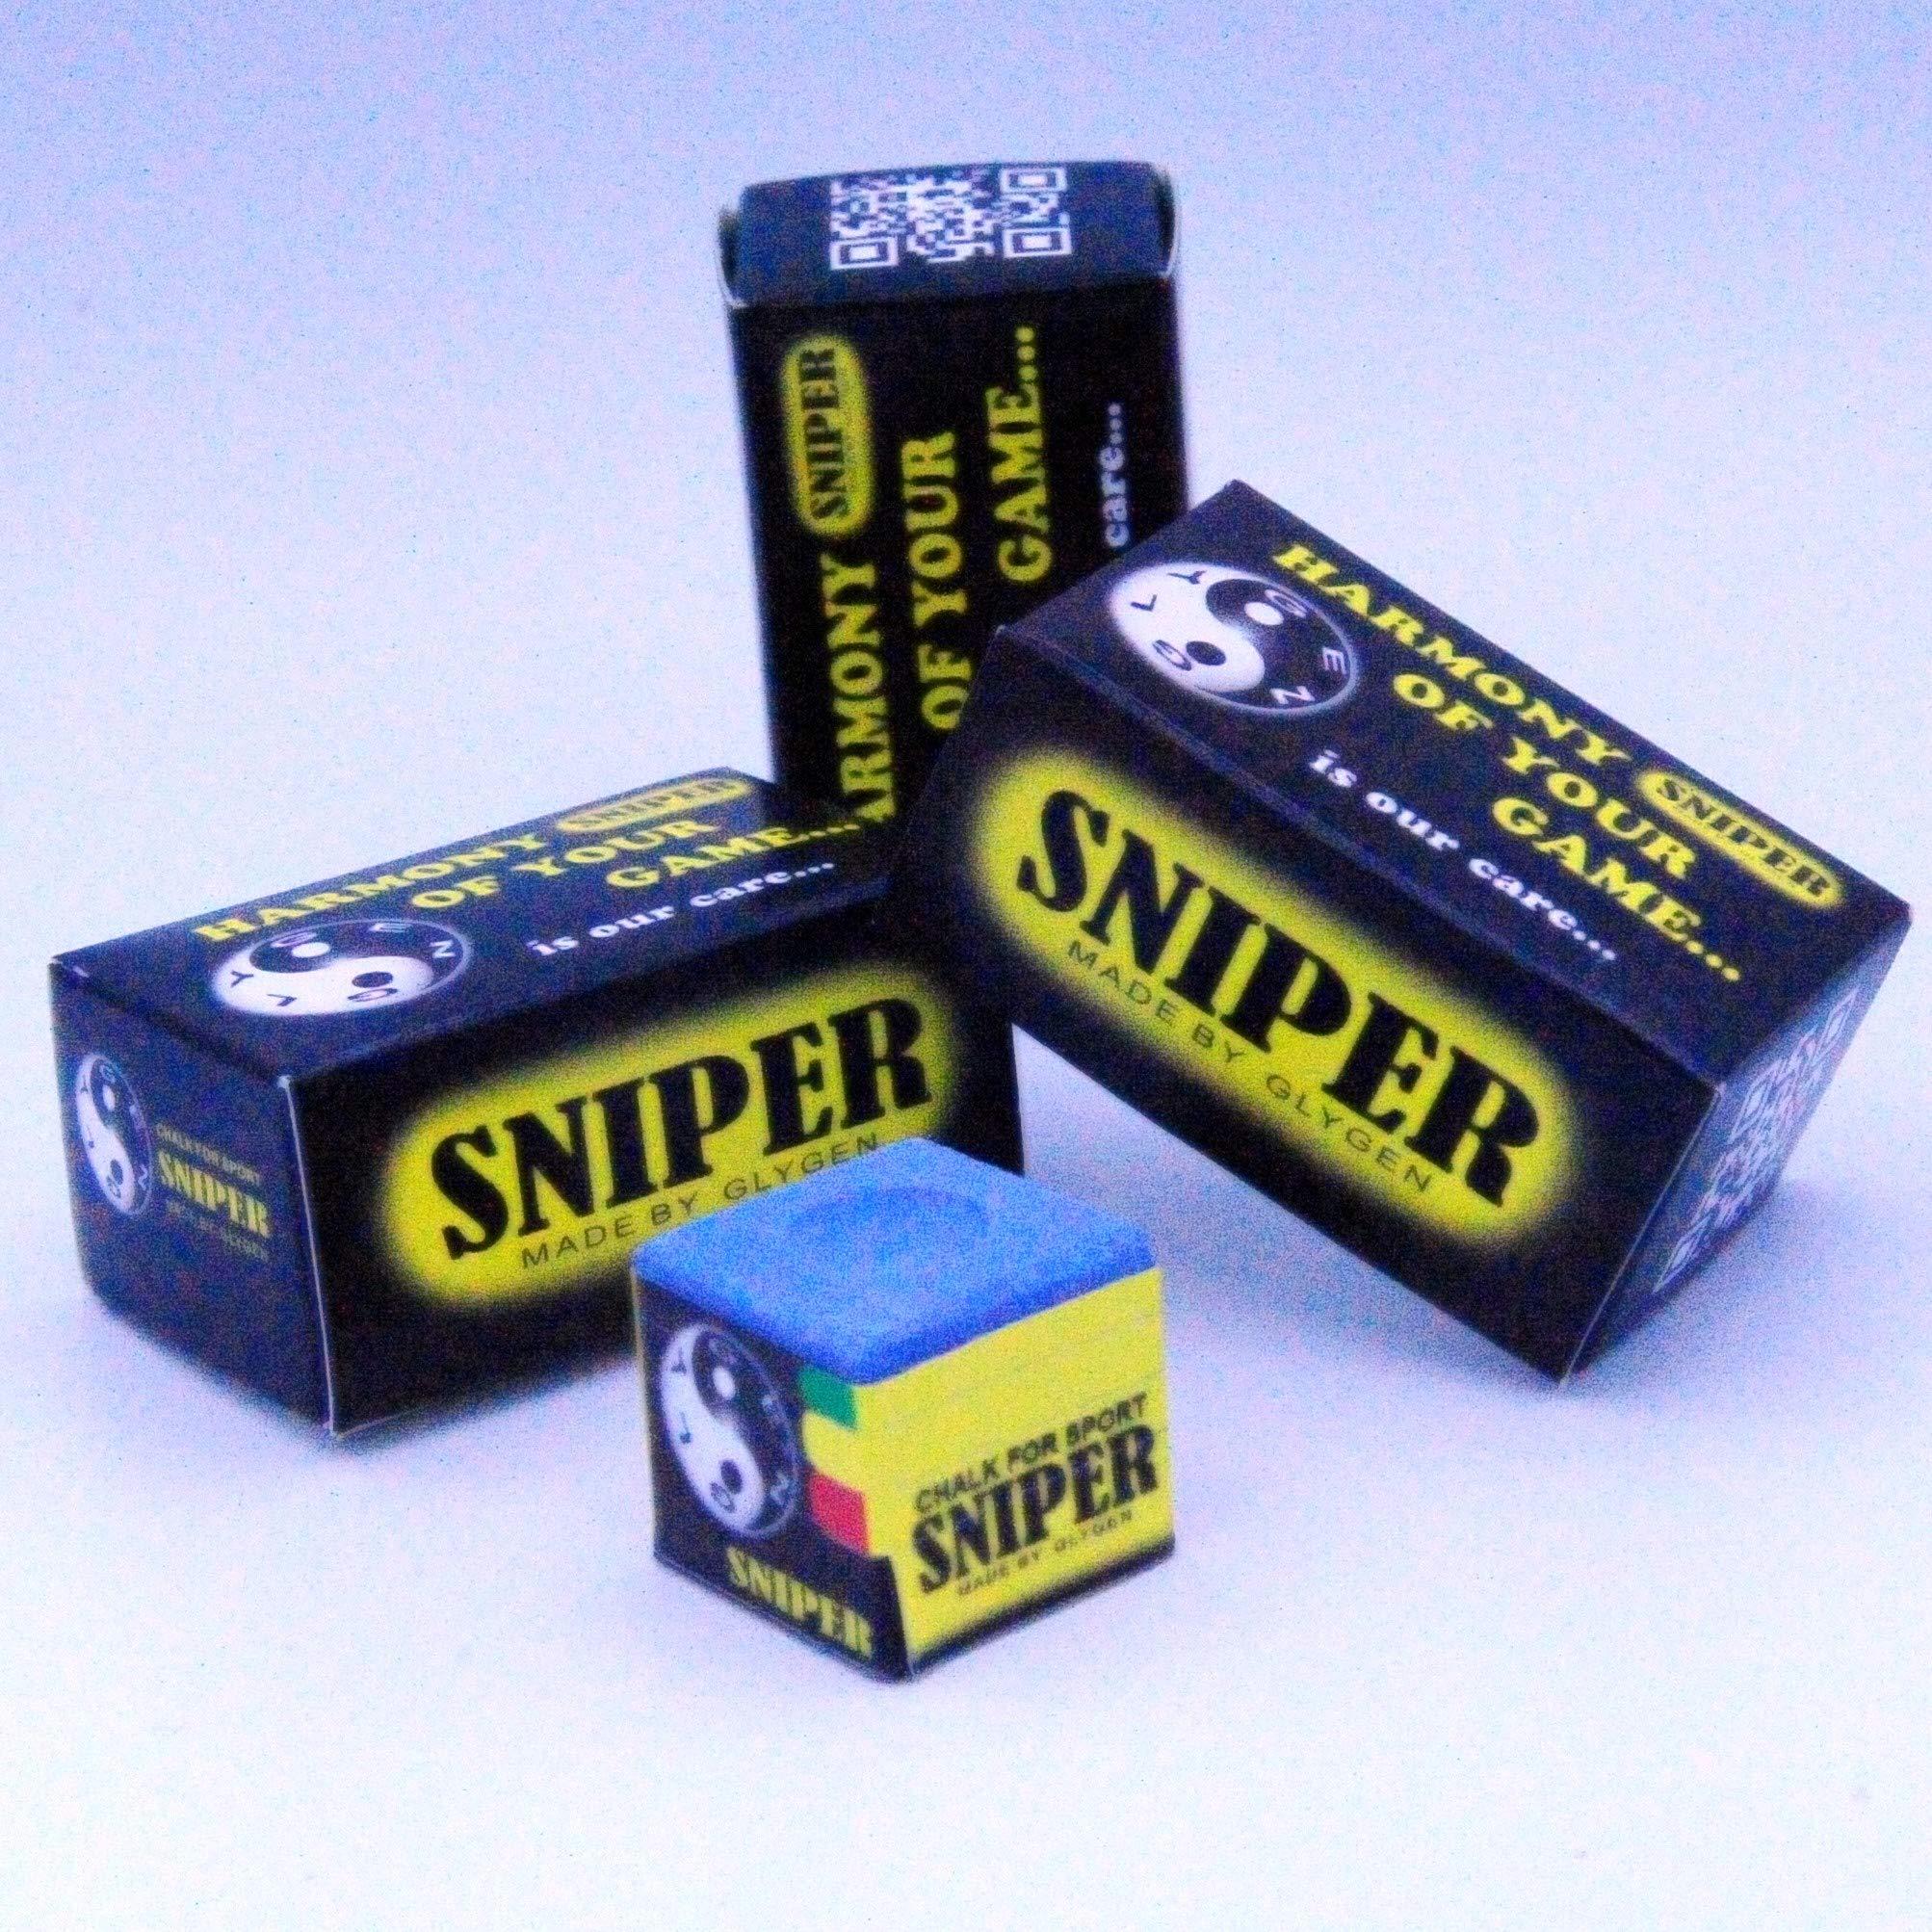 Sniper Chalk – Tiza para palos de billar: Amazon.es: Deportes y aire libre